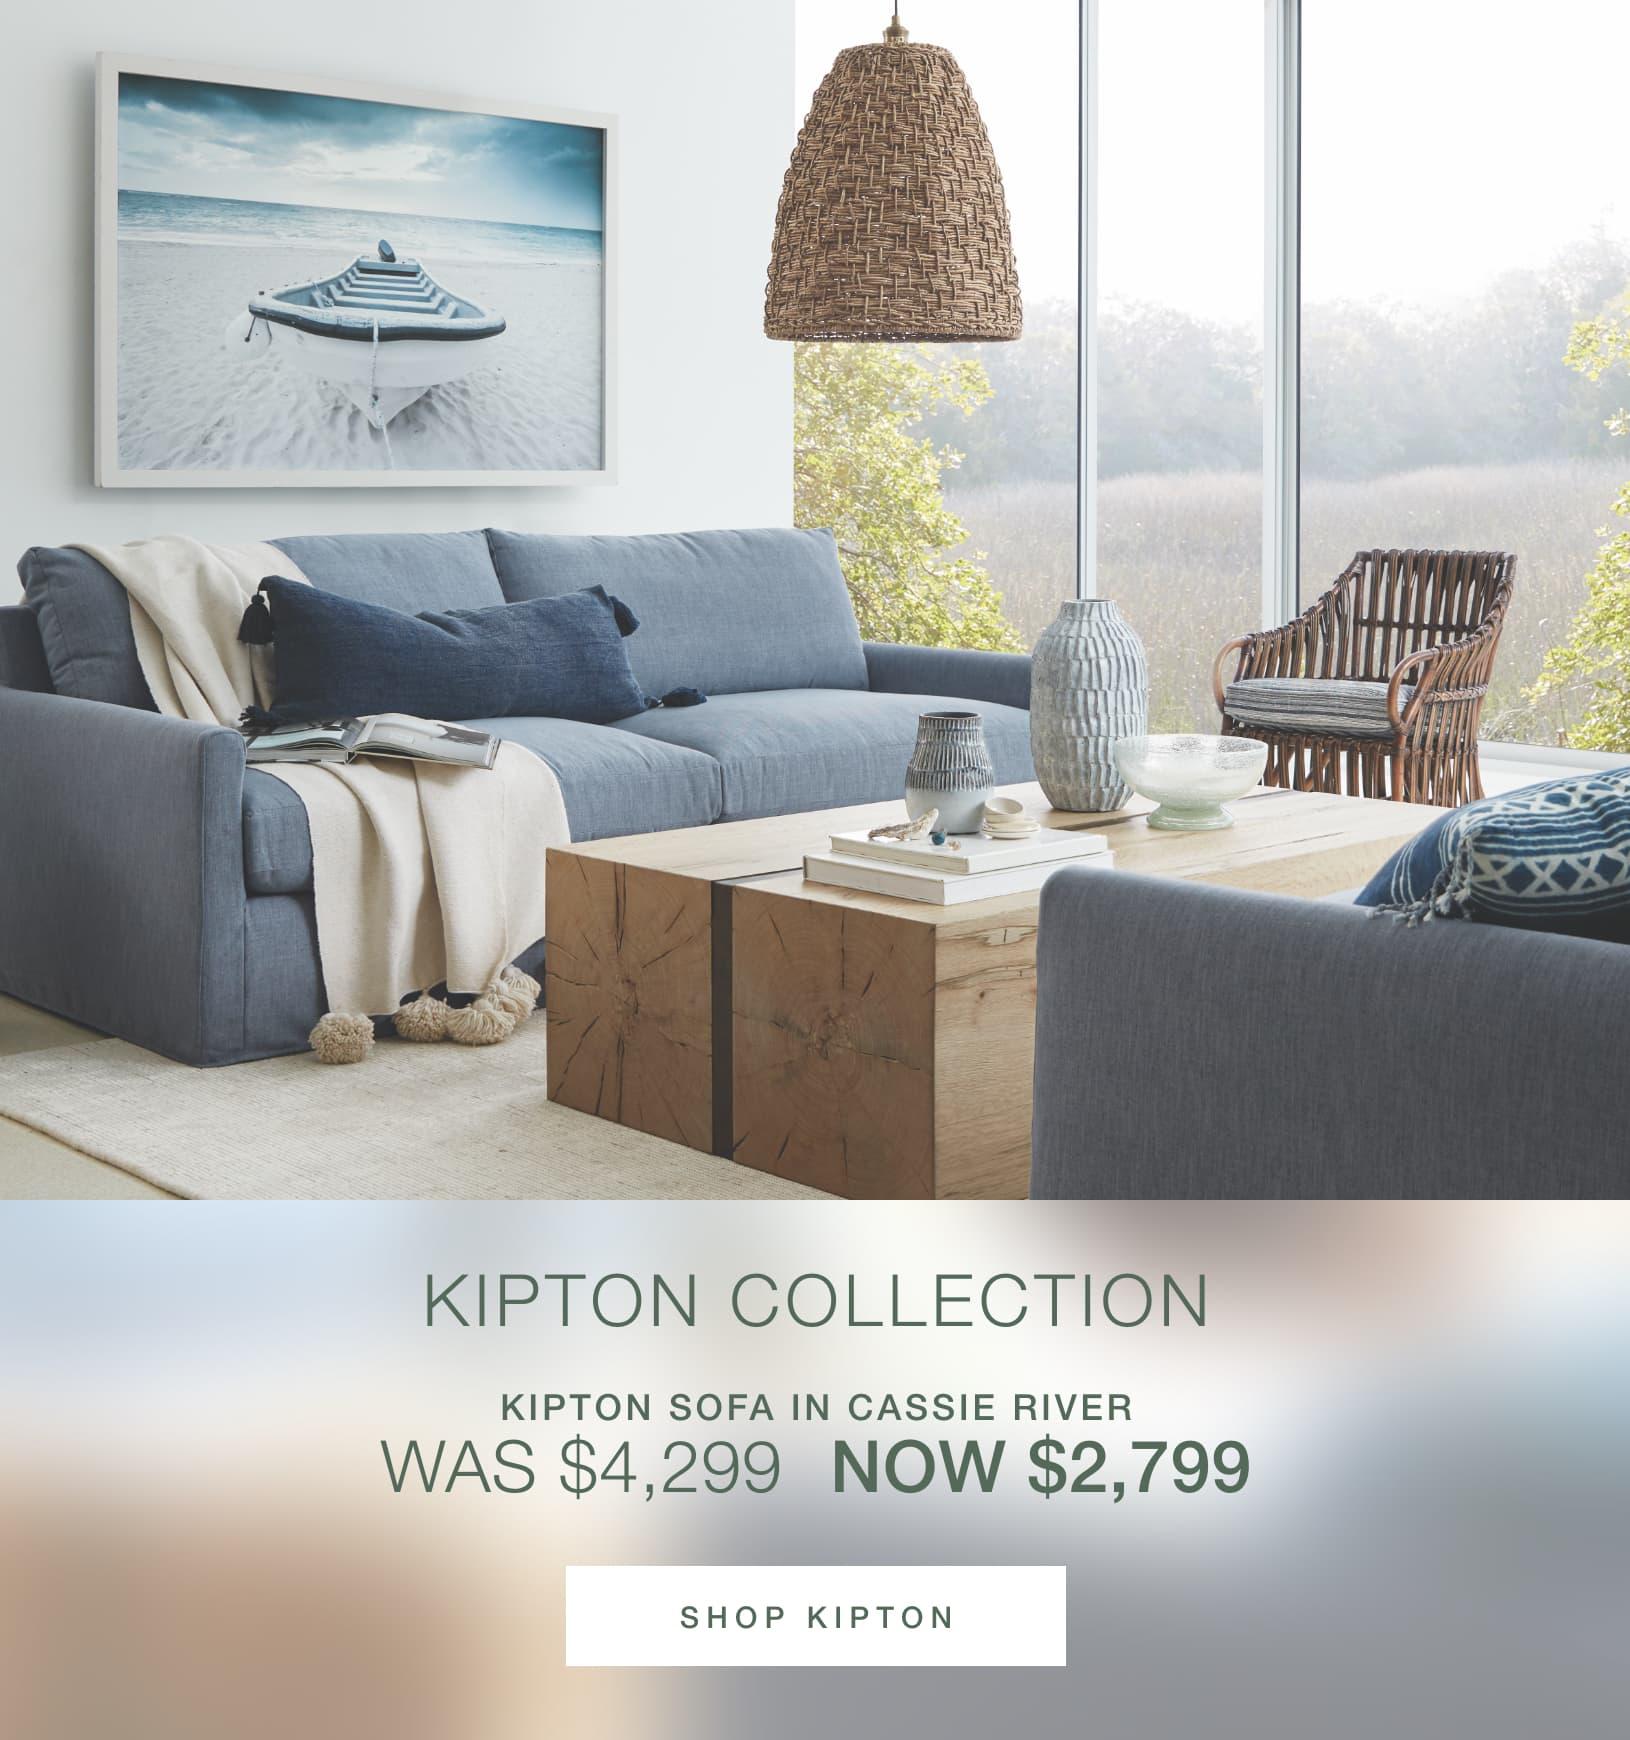 Shop Kipton